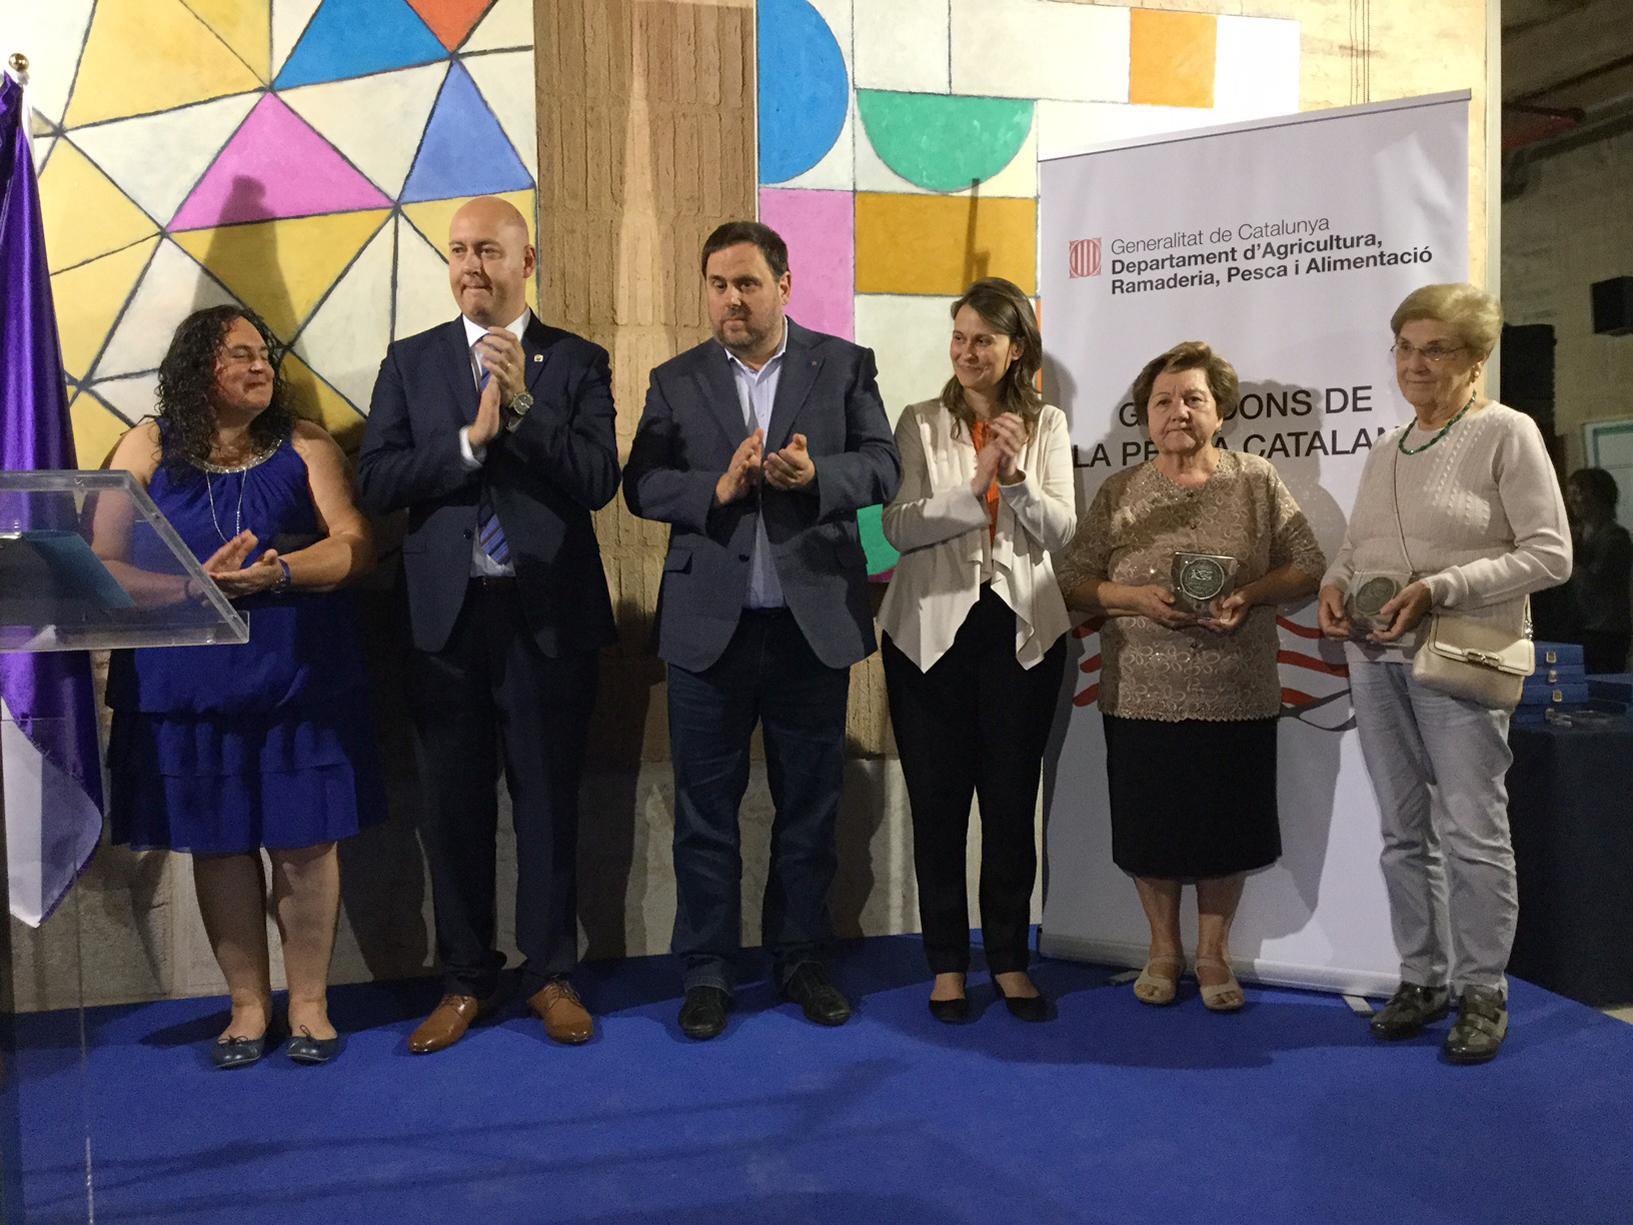 Carmeta Barberà rep la Medalla de la Pesca Catalana 2016 com a reconeixement a la seva feina en el sector pesquer